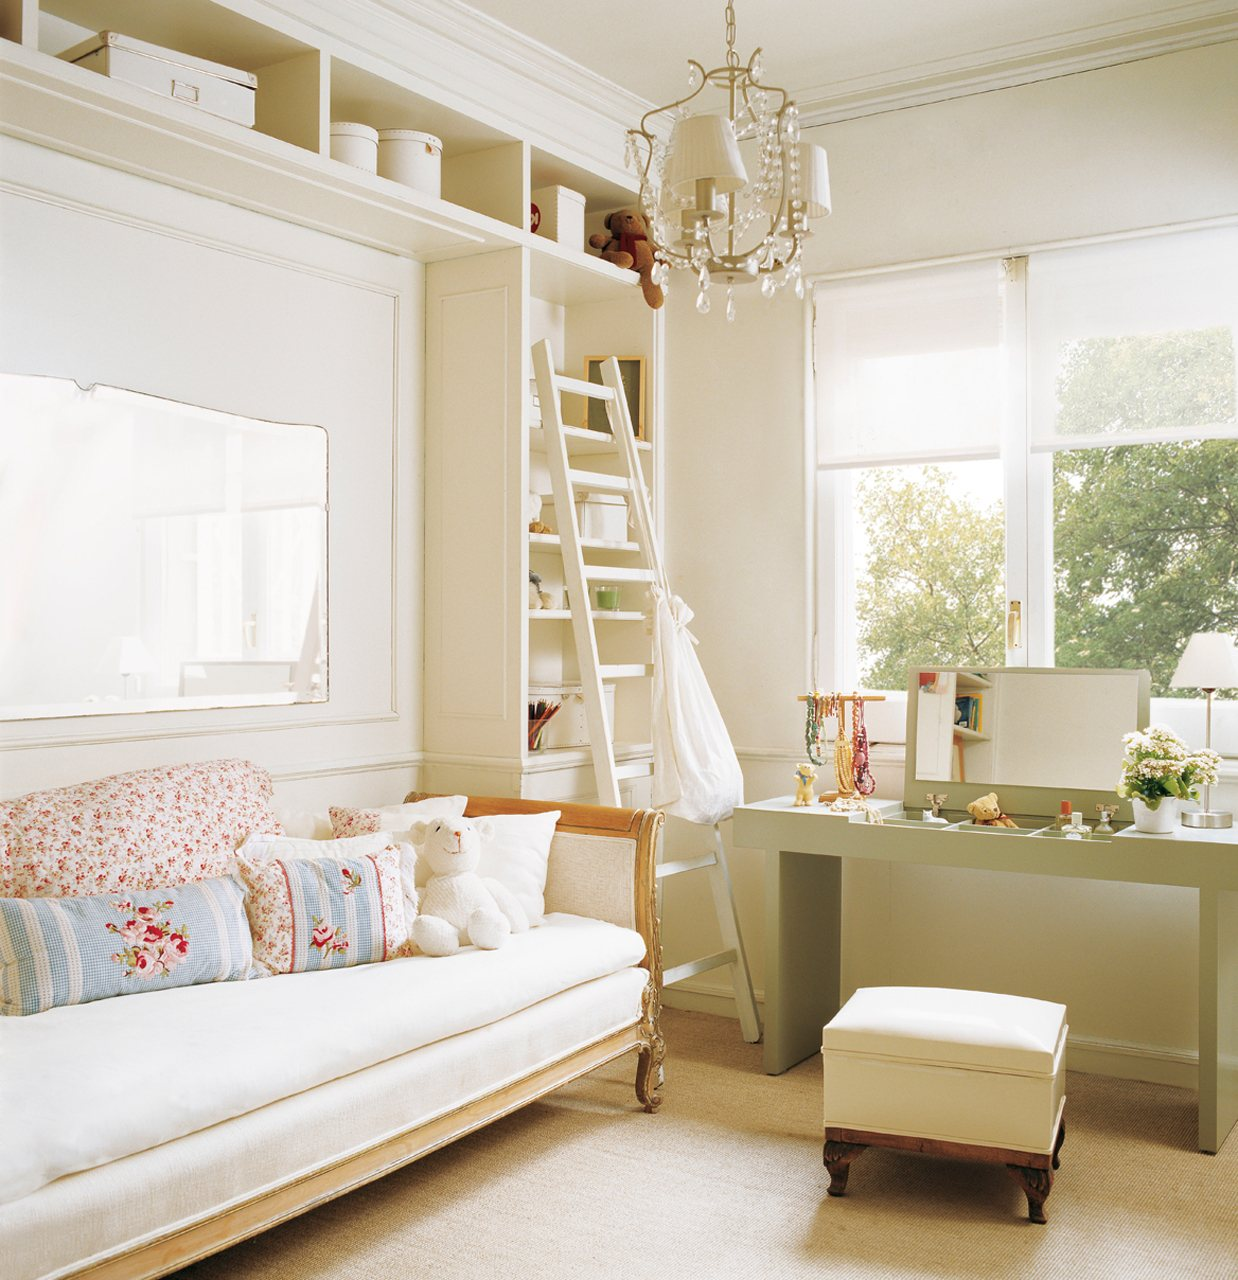 Blog by nela 17 09 12 - Ver habitaciones infantiles ...